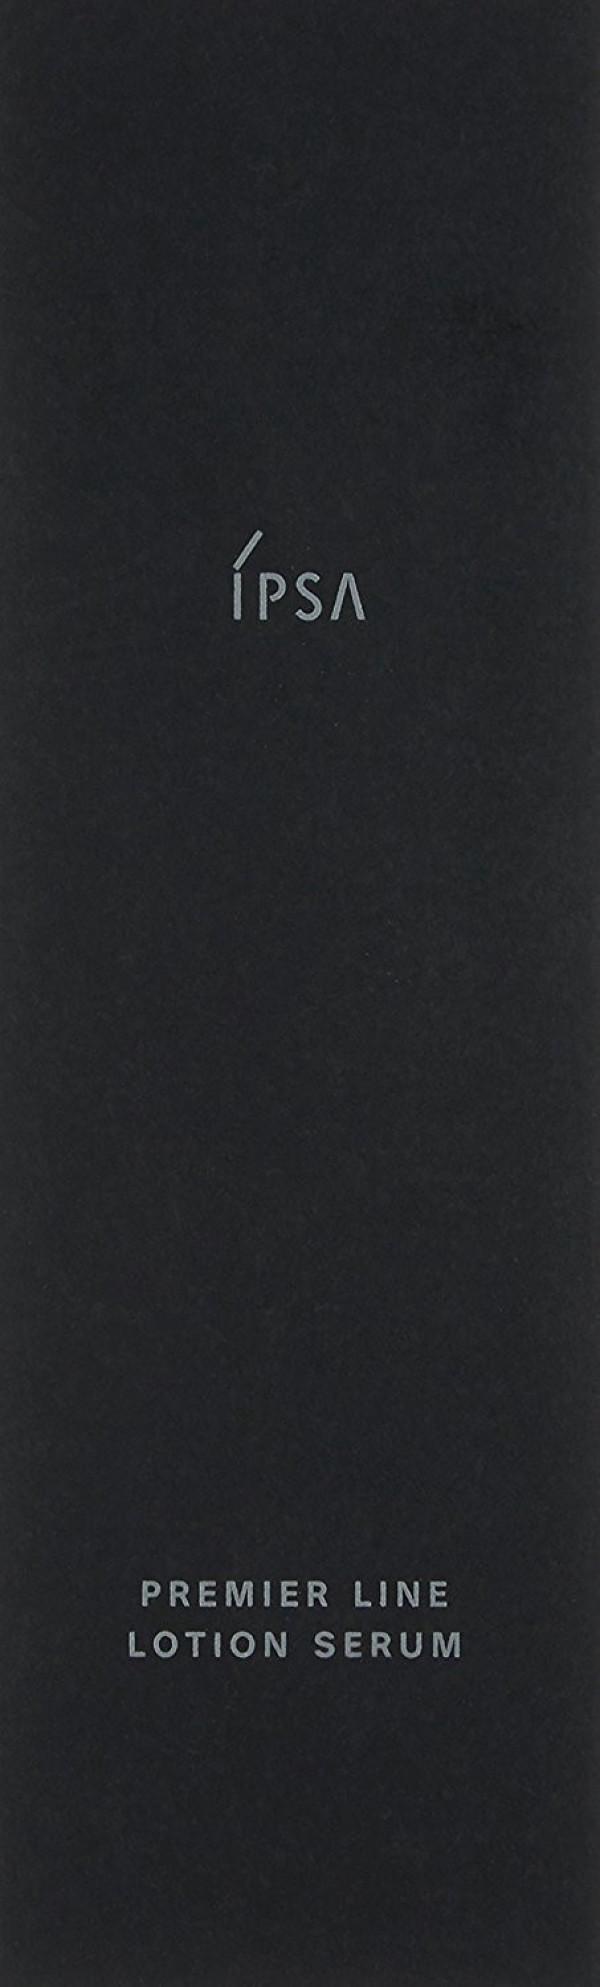 Сыворотка-лосьон для лица IPSA PREMIER LINE LOTION SERUM